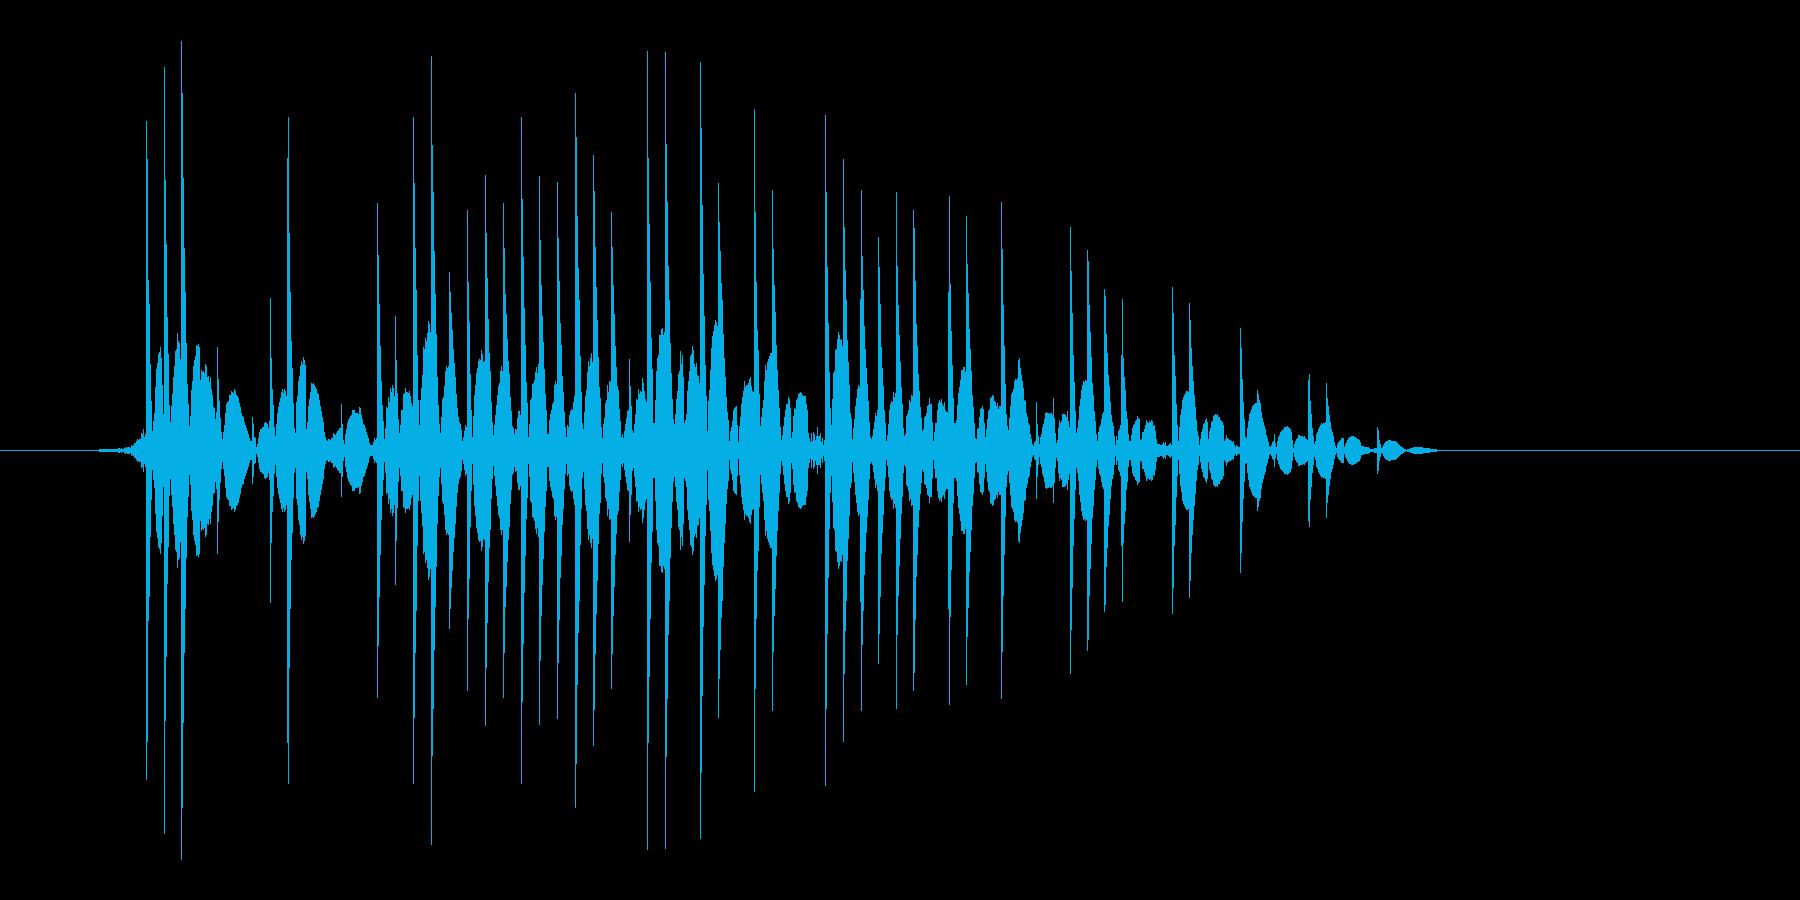 ゲーム(ファミコン風)爆発音_020の再生済みの波形